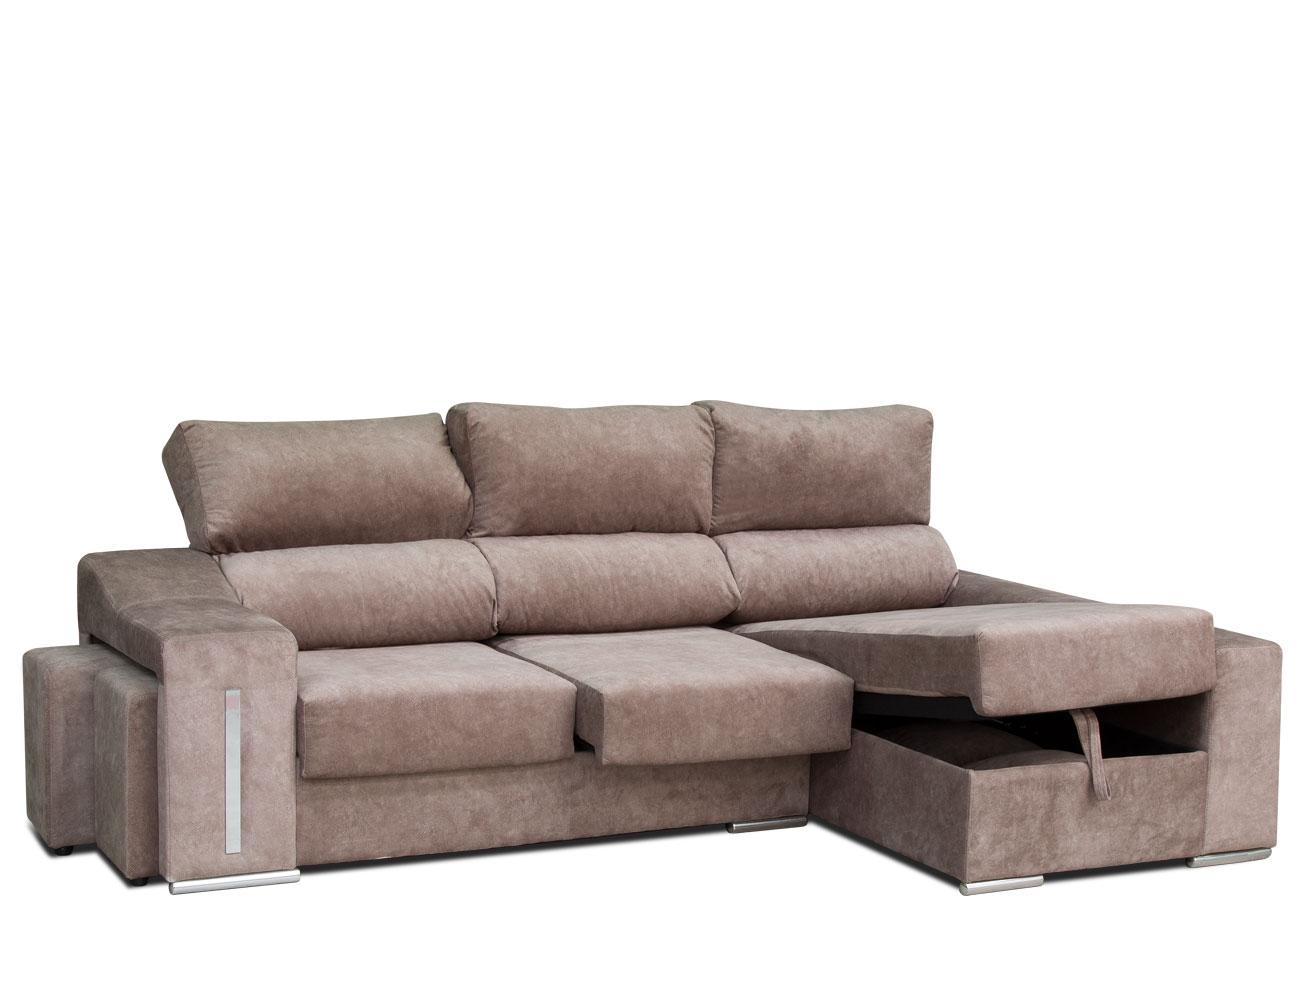 Sofa chaiselongue oscar